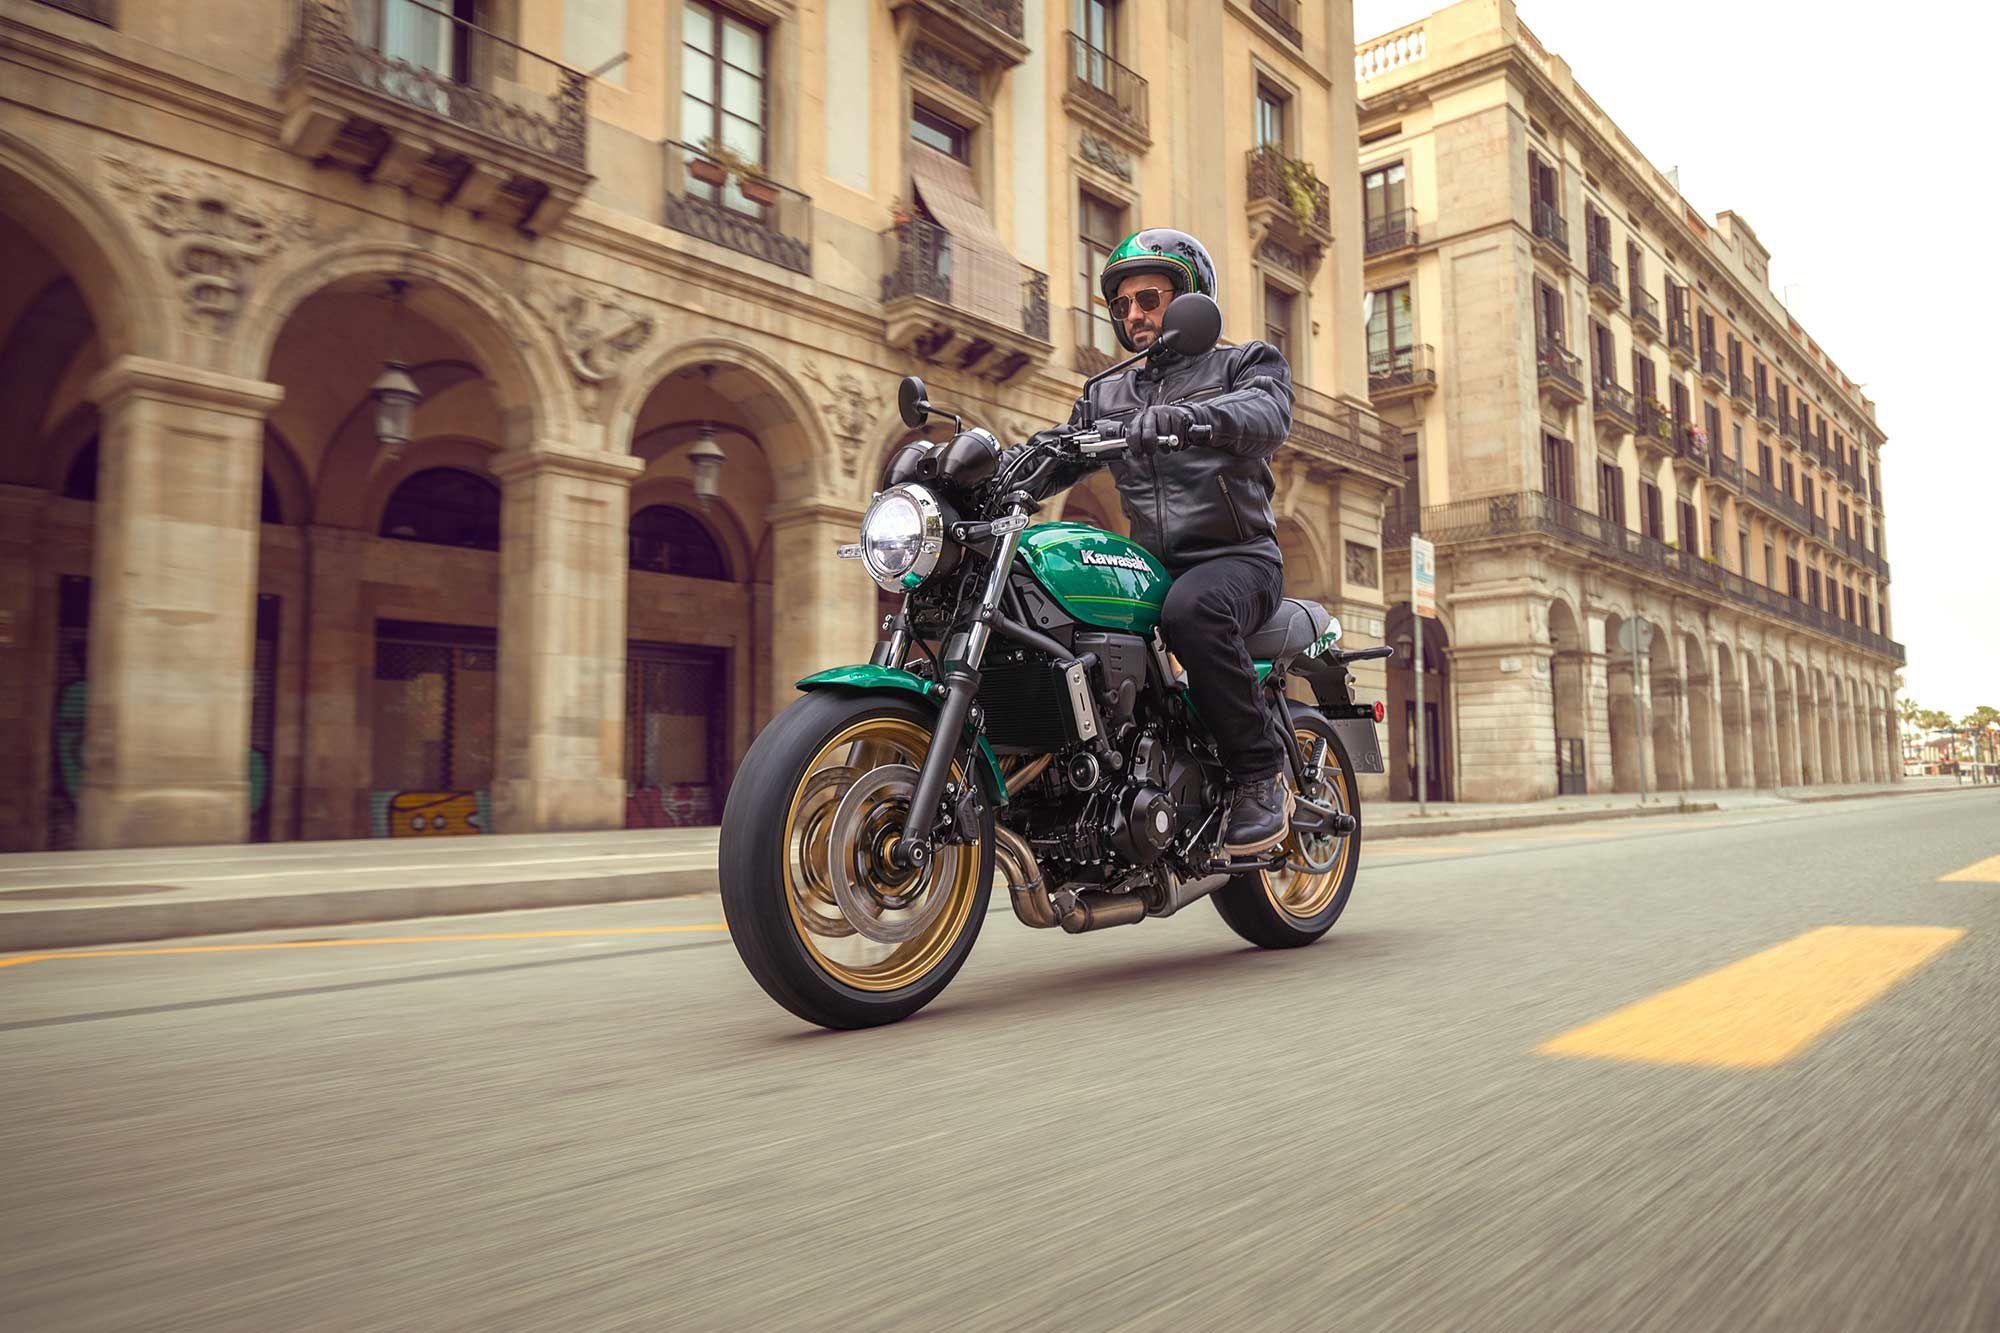 The 2022 Kawasaki Z650RS will price at $8,999.